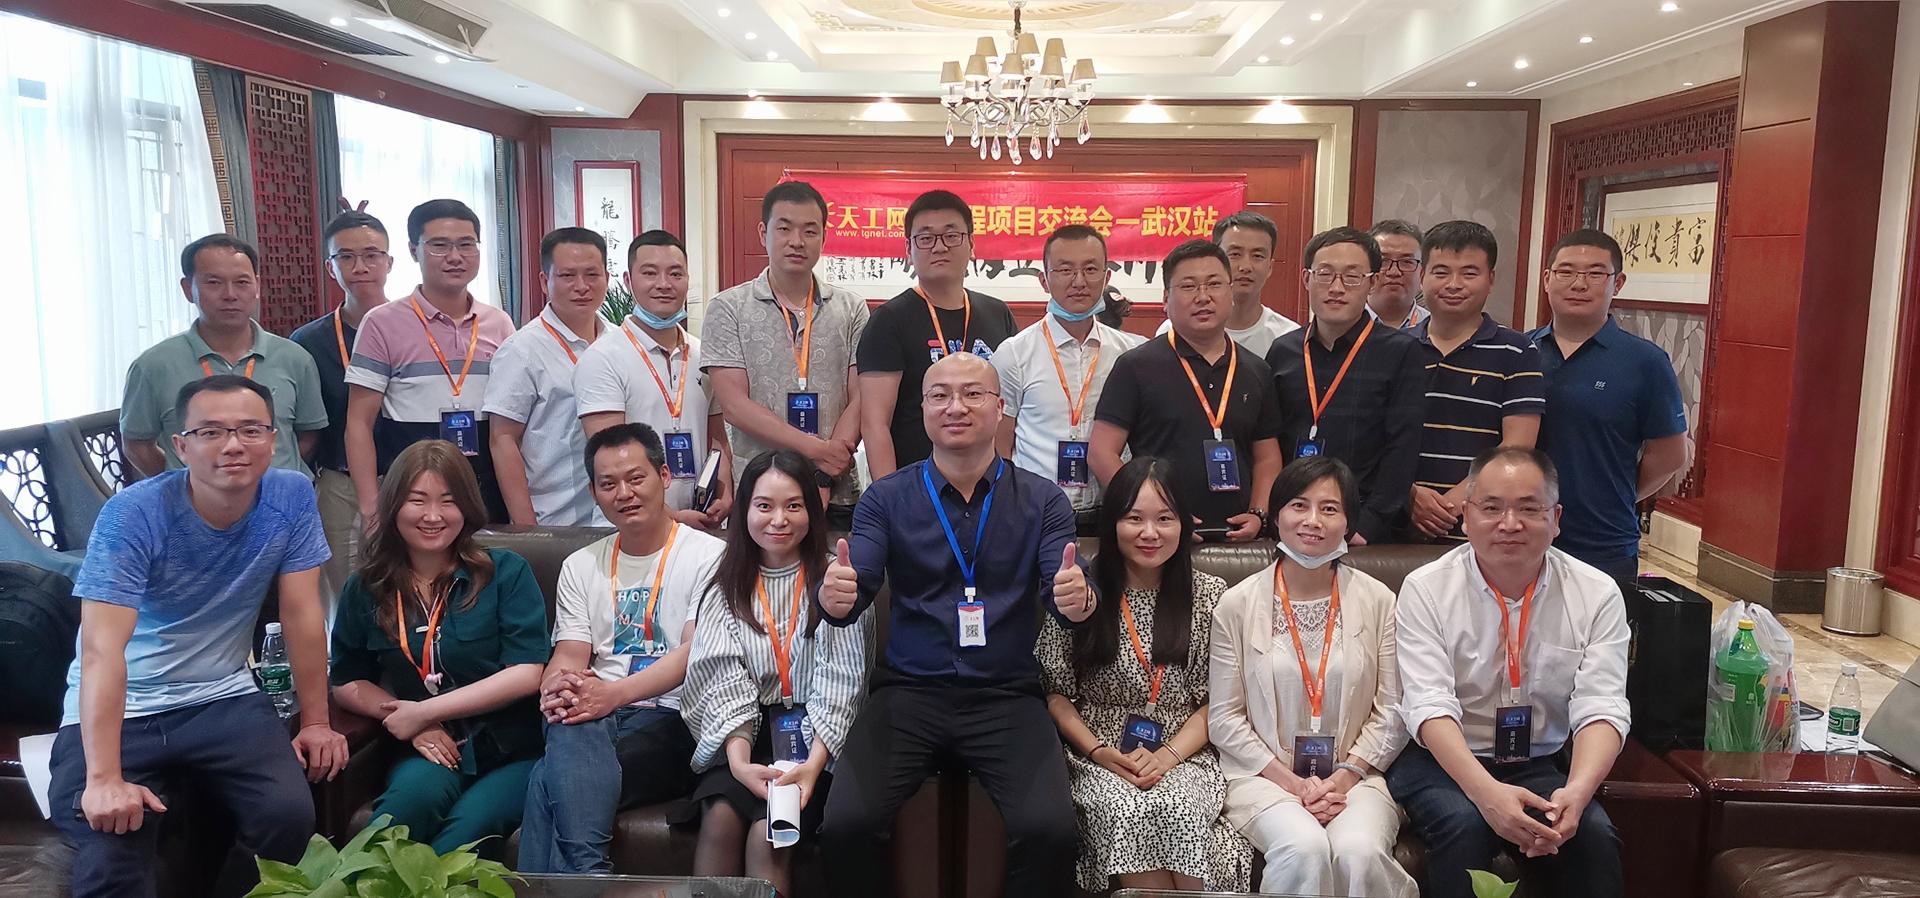 天工网工程项目交流会-武汉站